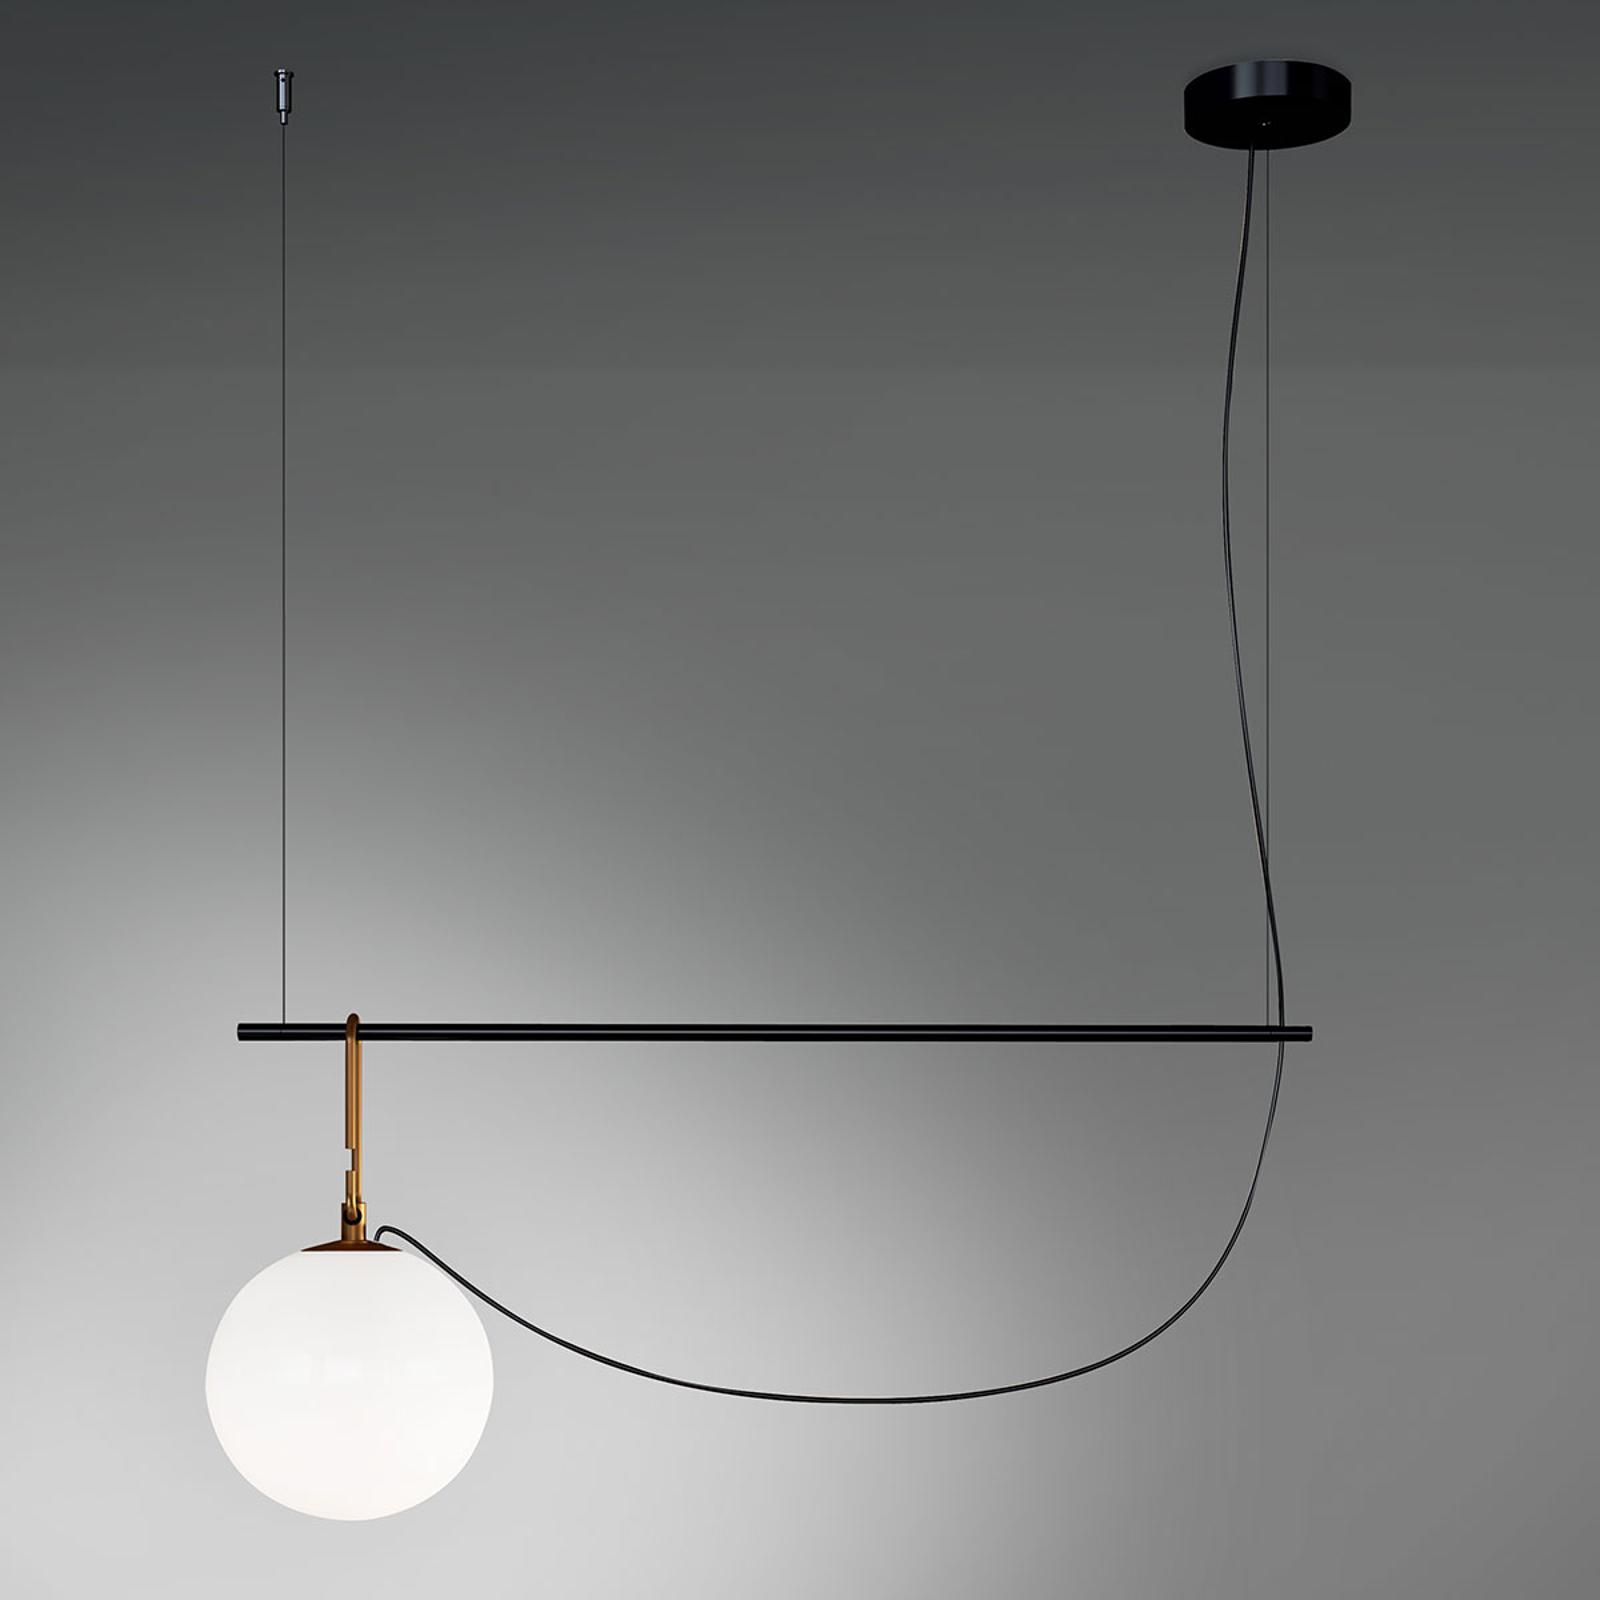 Artemide nh S2 22 suspension 90,5cm sphère Ø 22cm